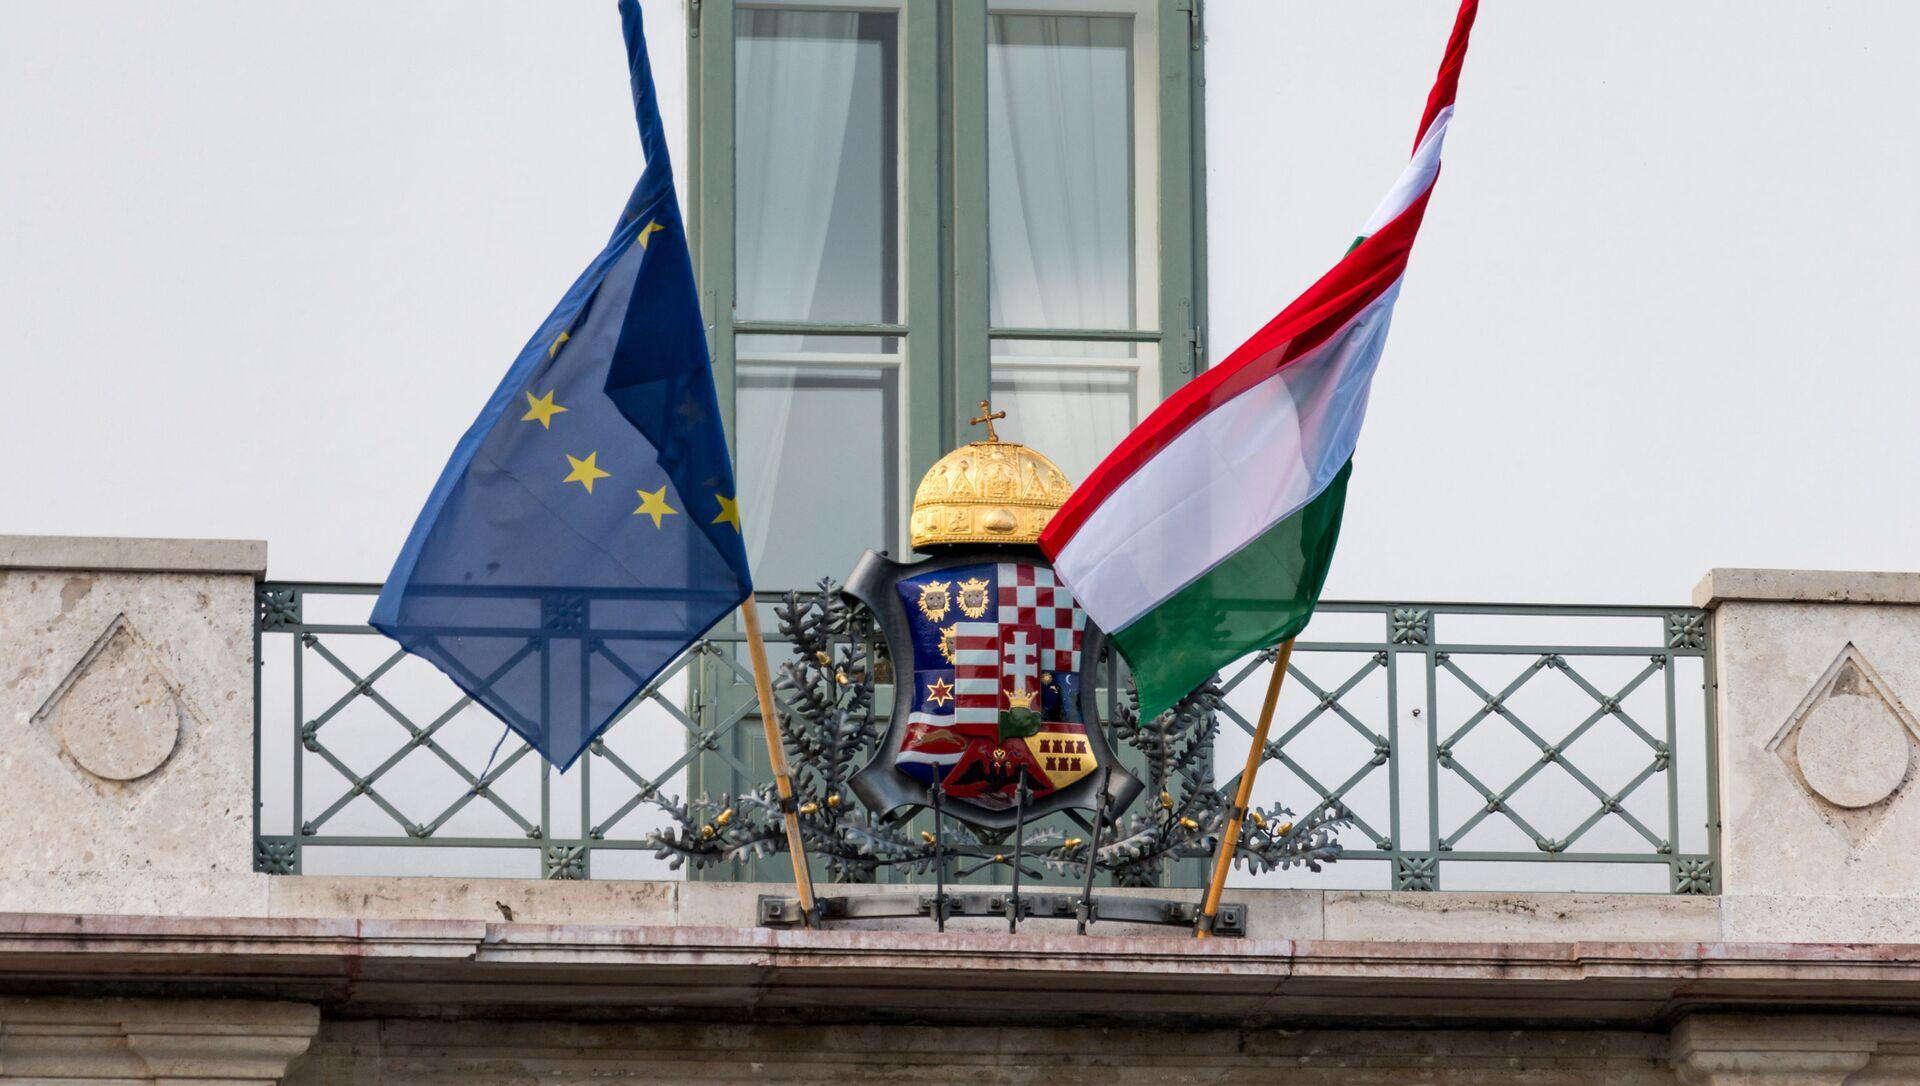 Заставе Мађарске и ЕУ на улазу у председничку палату у Будимпешти - Sputnik Србија, 1920, 07.07.2021